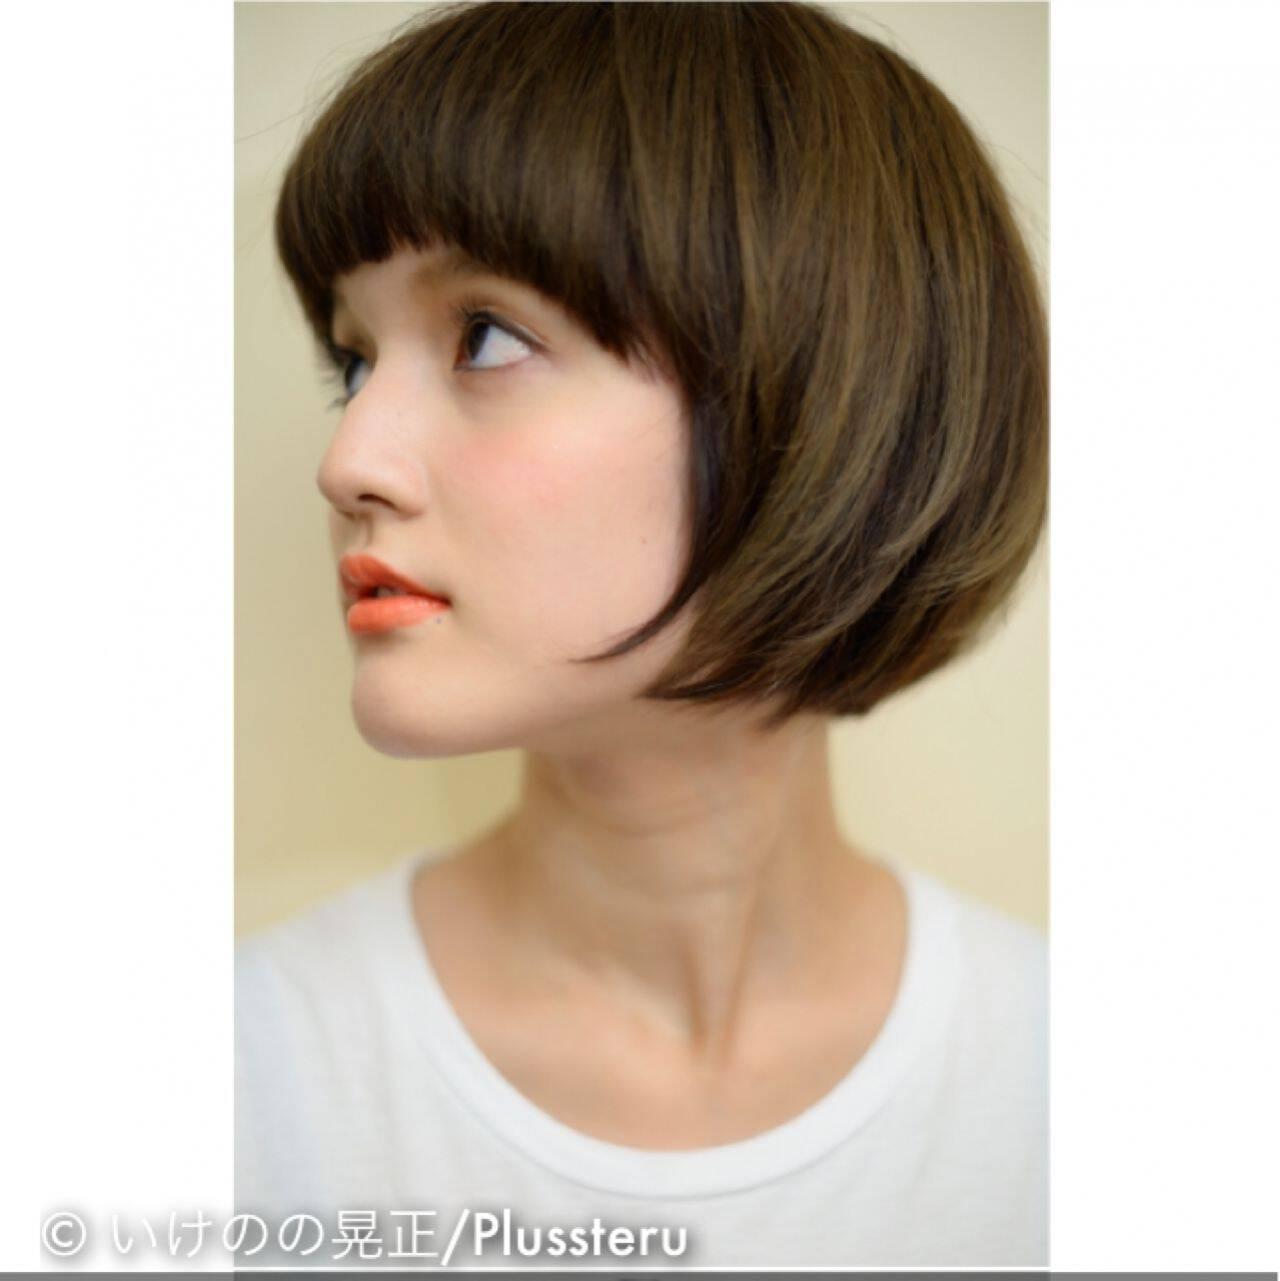 アッシュ ナチュラル マット ストレートヘアスタイルや髪型の写真・画像